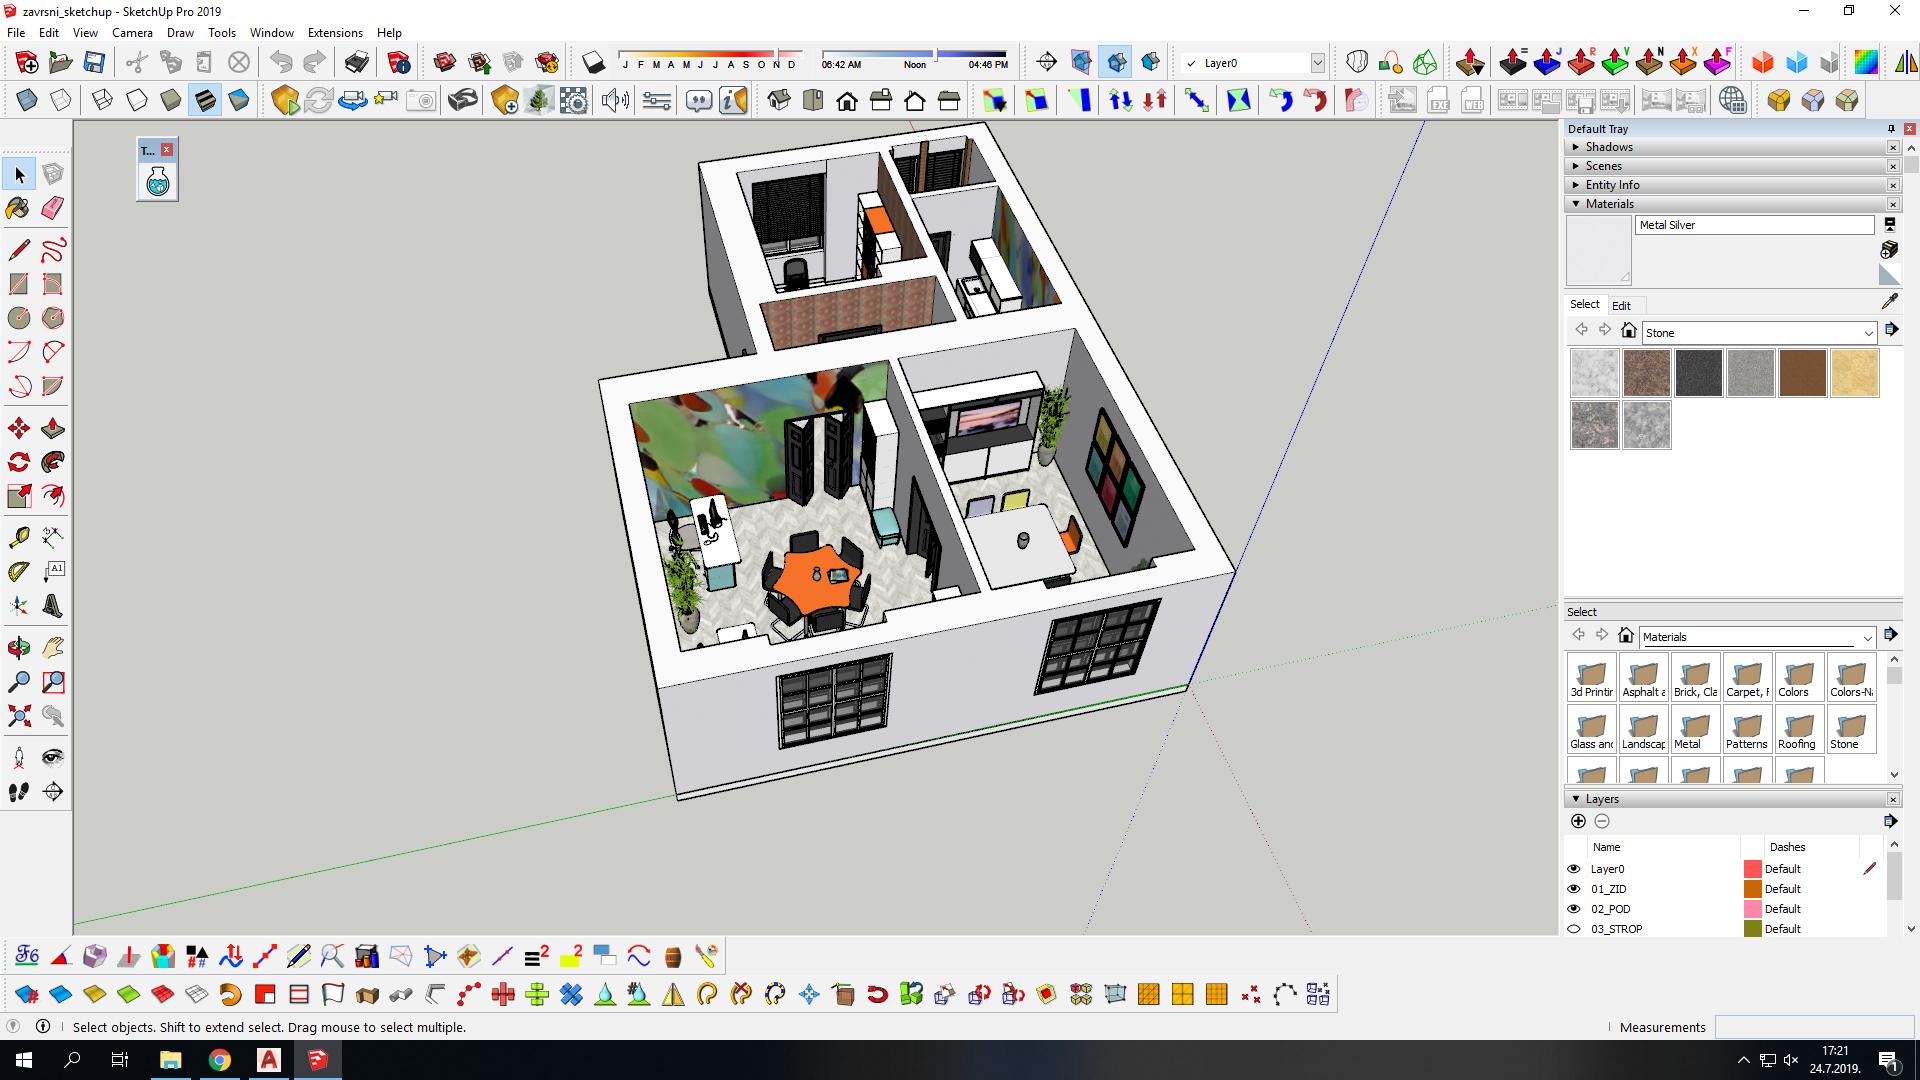 Daniela Božić: 3D modeliranje interijera u SketchUp Pro 2019.